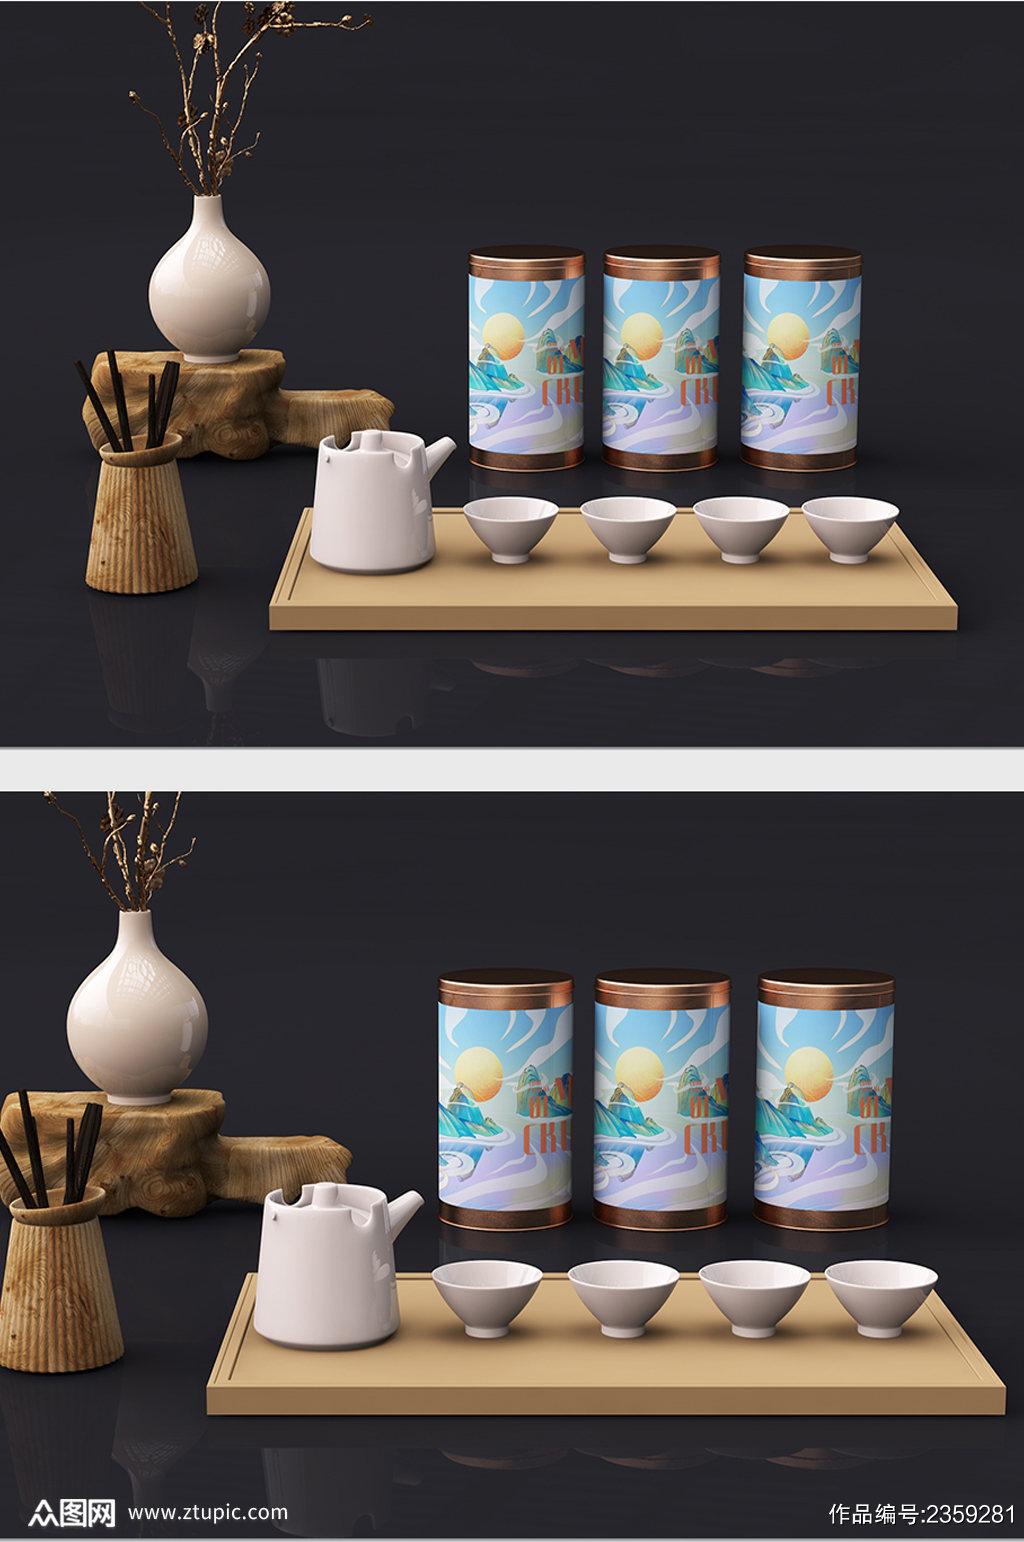 国风高端茶叶茶礼盒包装设计展示样机素材